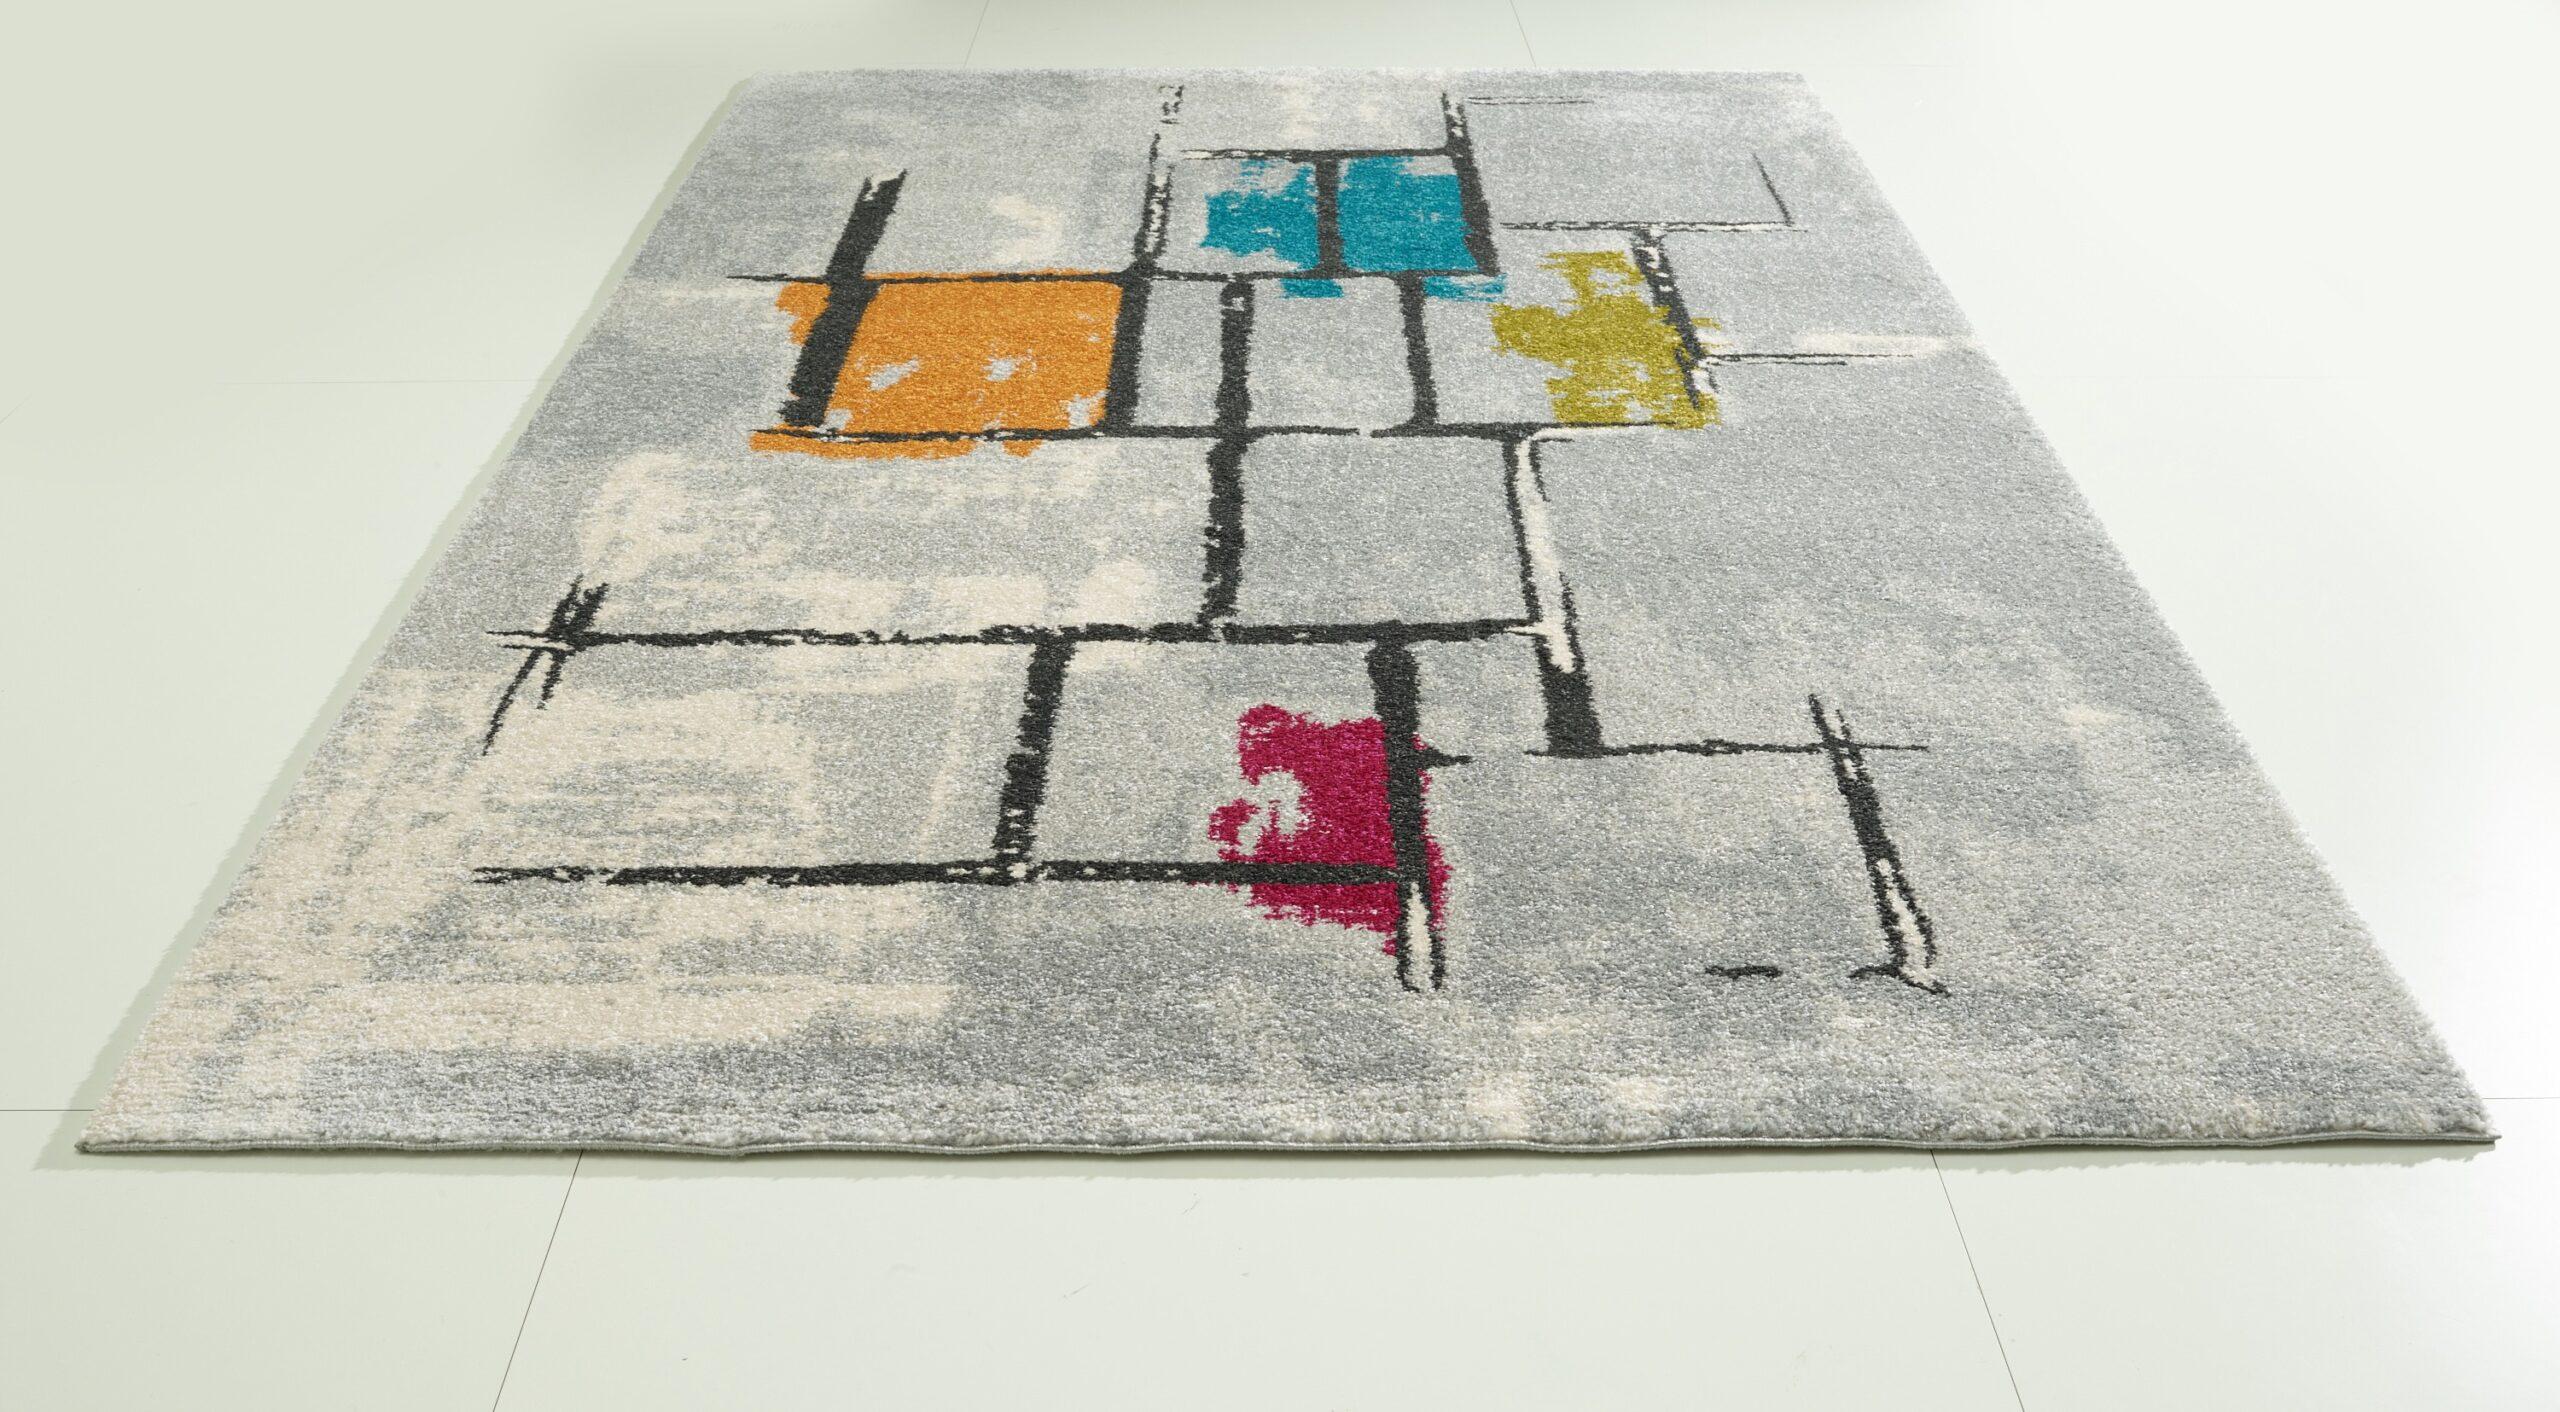 Full Size of Vinyl Teppich Grau Bunt Gemustert 120x170 Cm Wohnzimmer Teppiche Bad Küche Badezimmer Vinylboden Fürs Im Verlegen Schlafzimmer Esstisch Für Steinteppich Wohnzimmer Vinyl Teppich